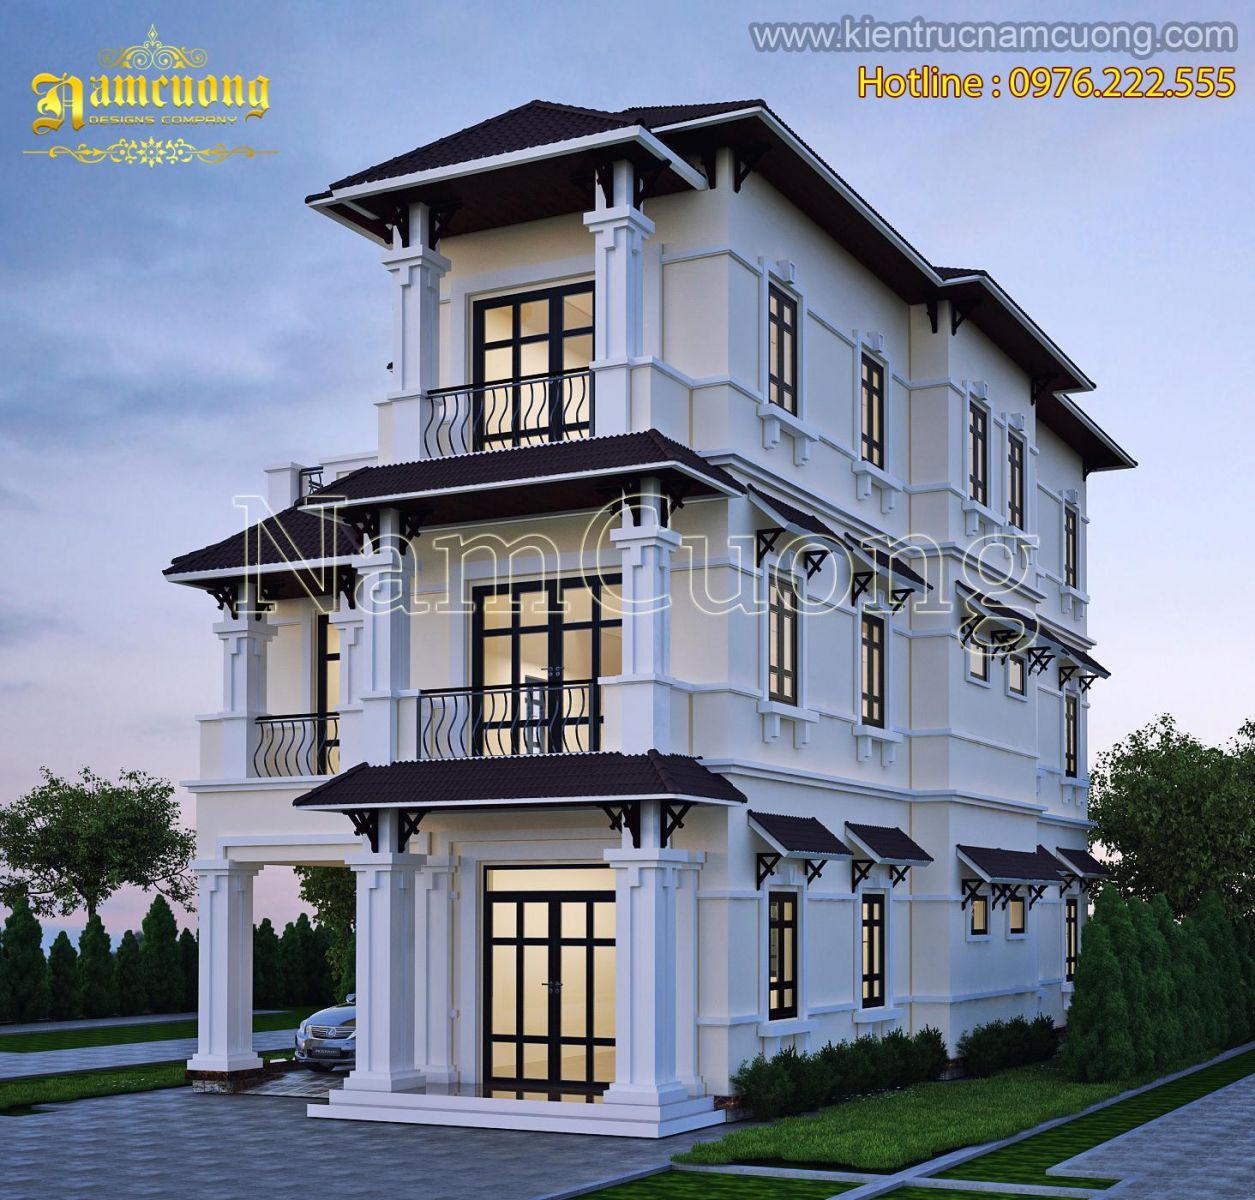 Biệt thự kiến trúc tân cổ điển 3 tầng đẹp tại Hà Nội - BTCD 025